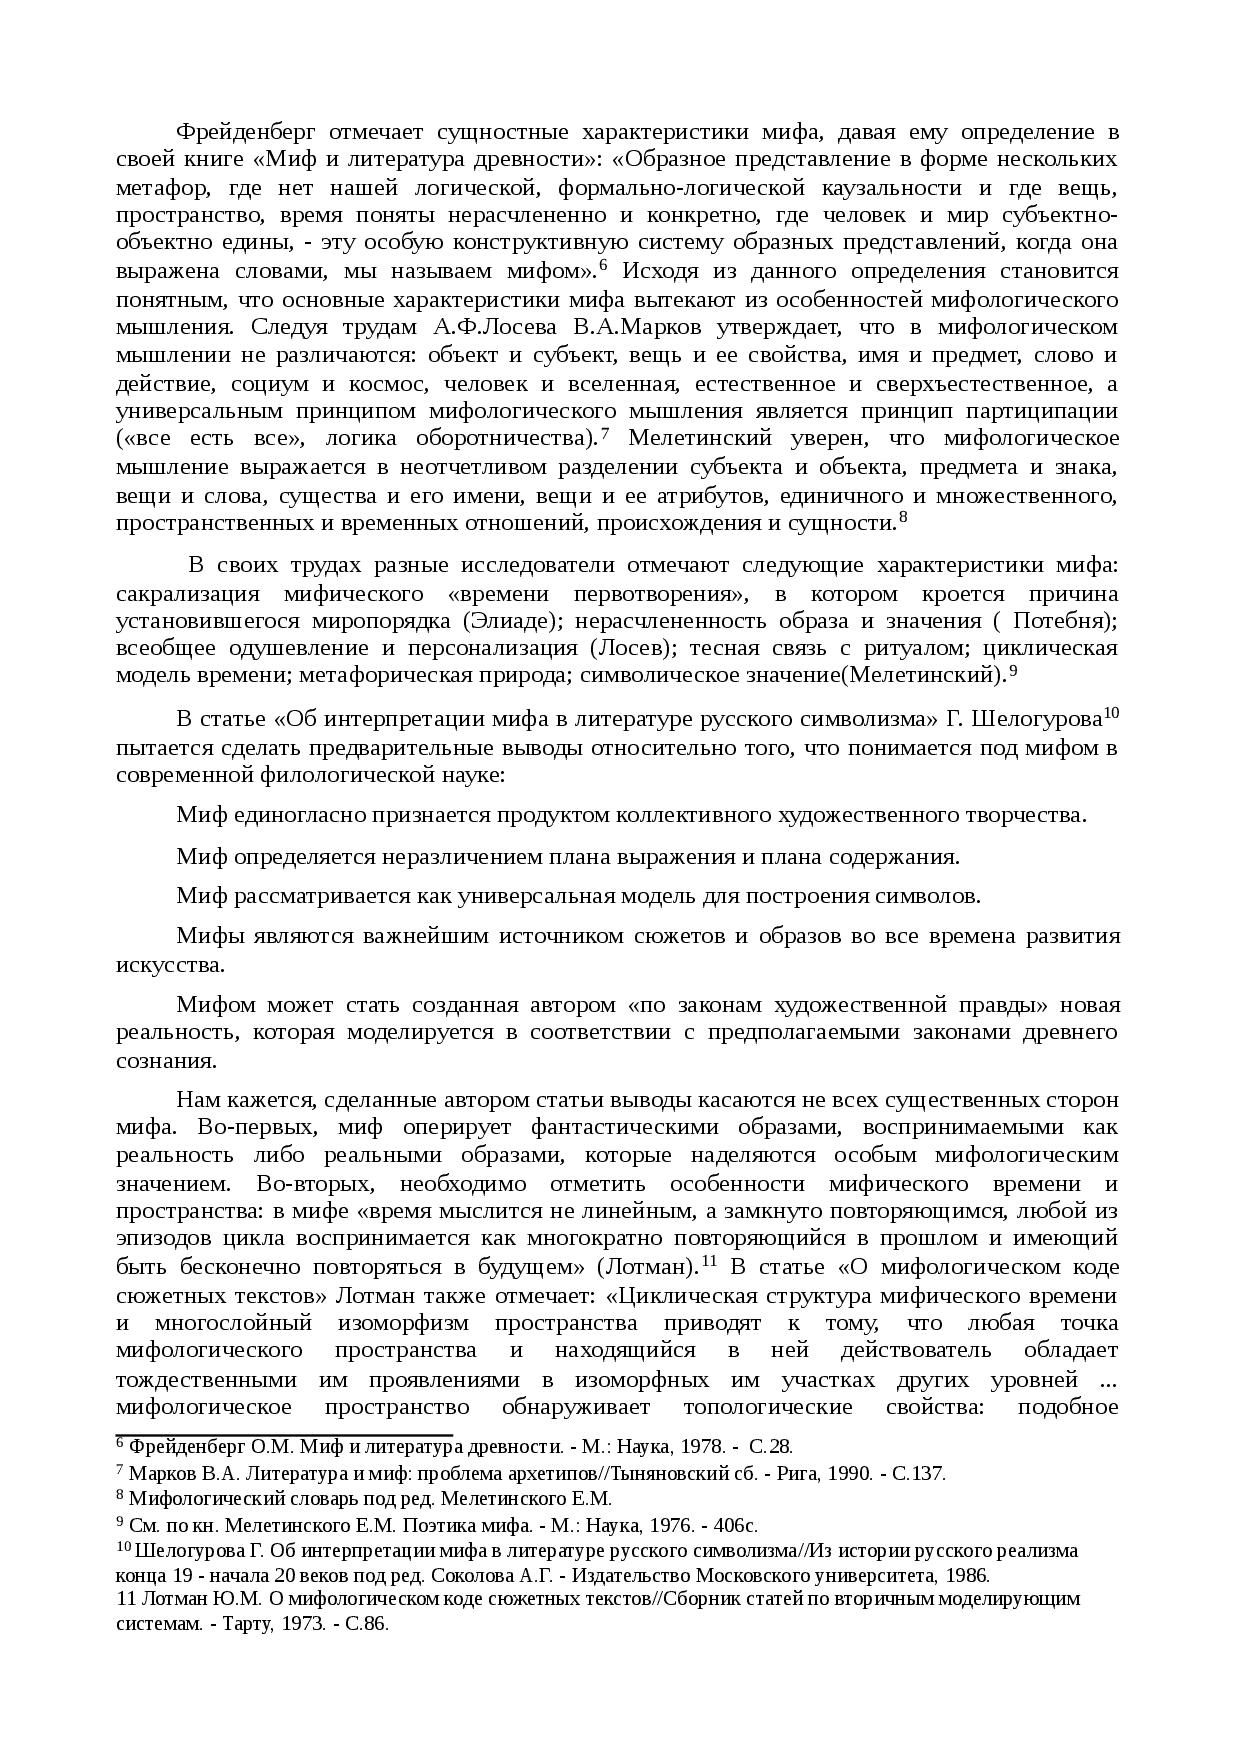 Определение понятия «персонификация»